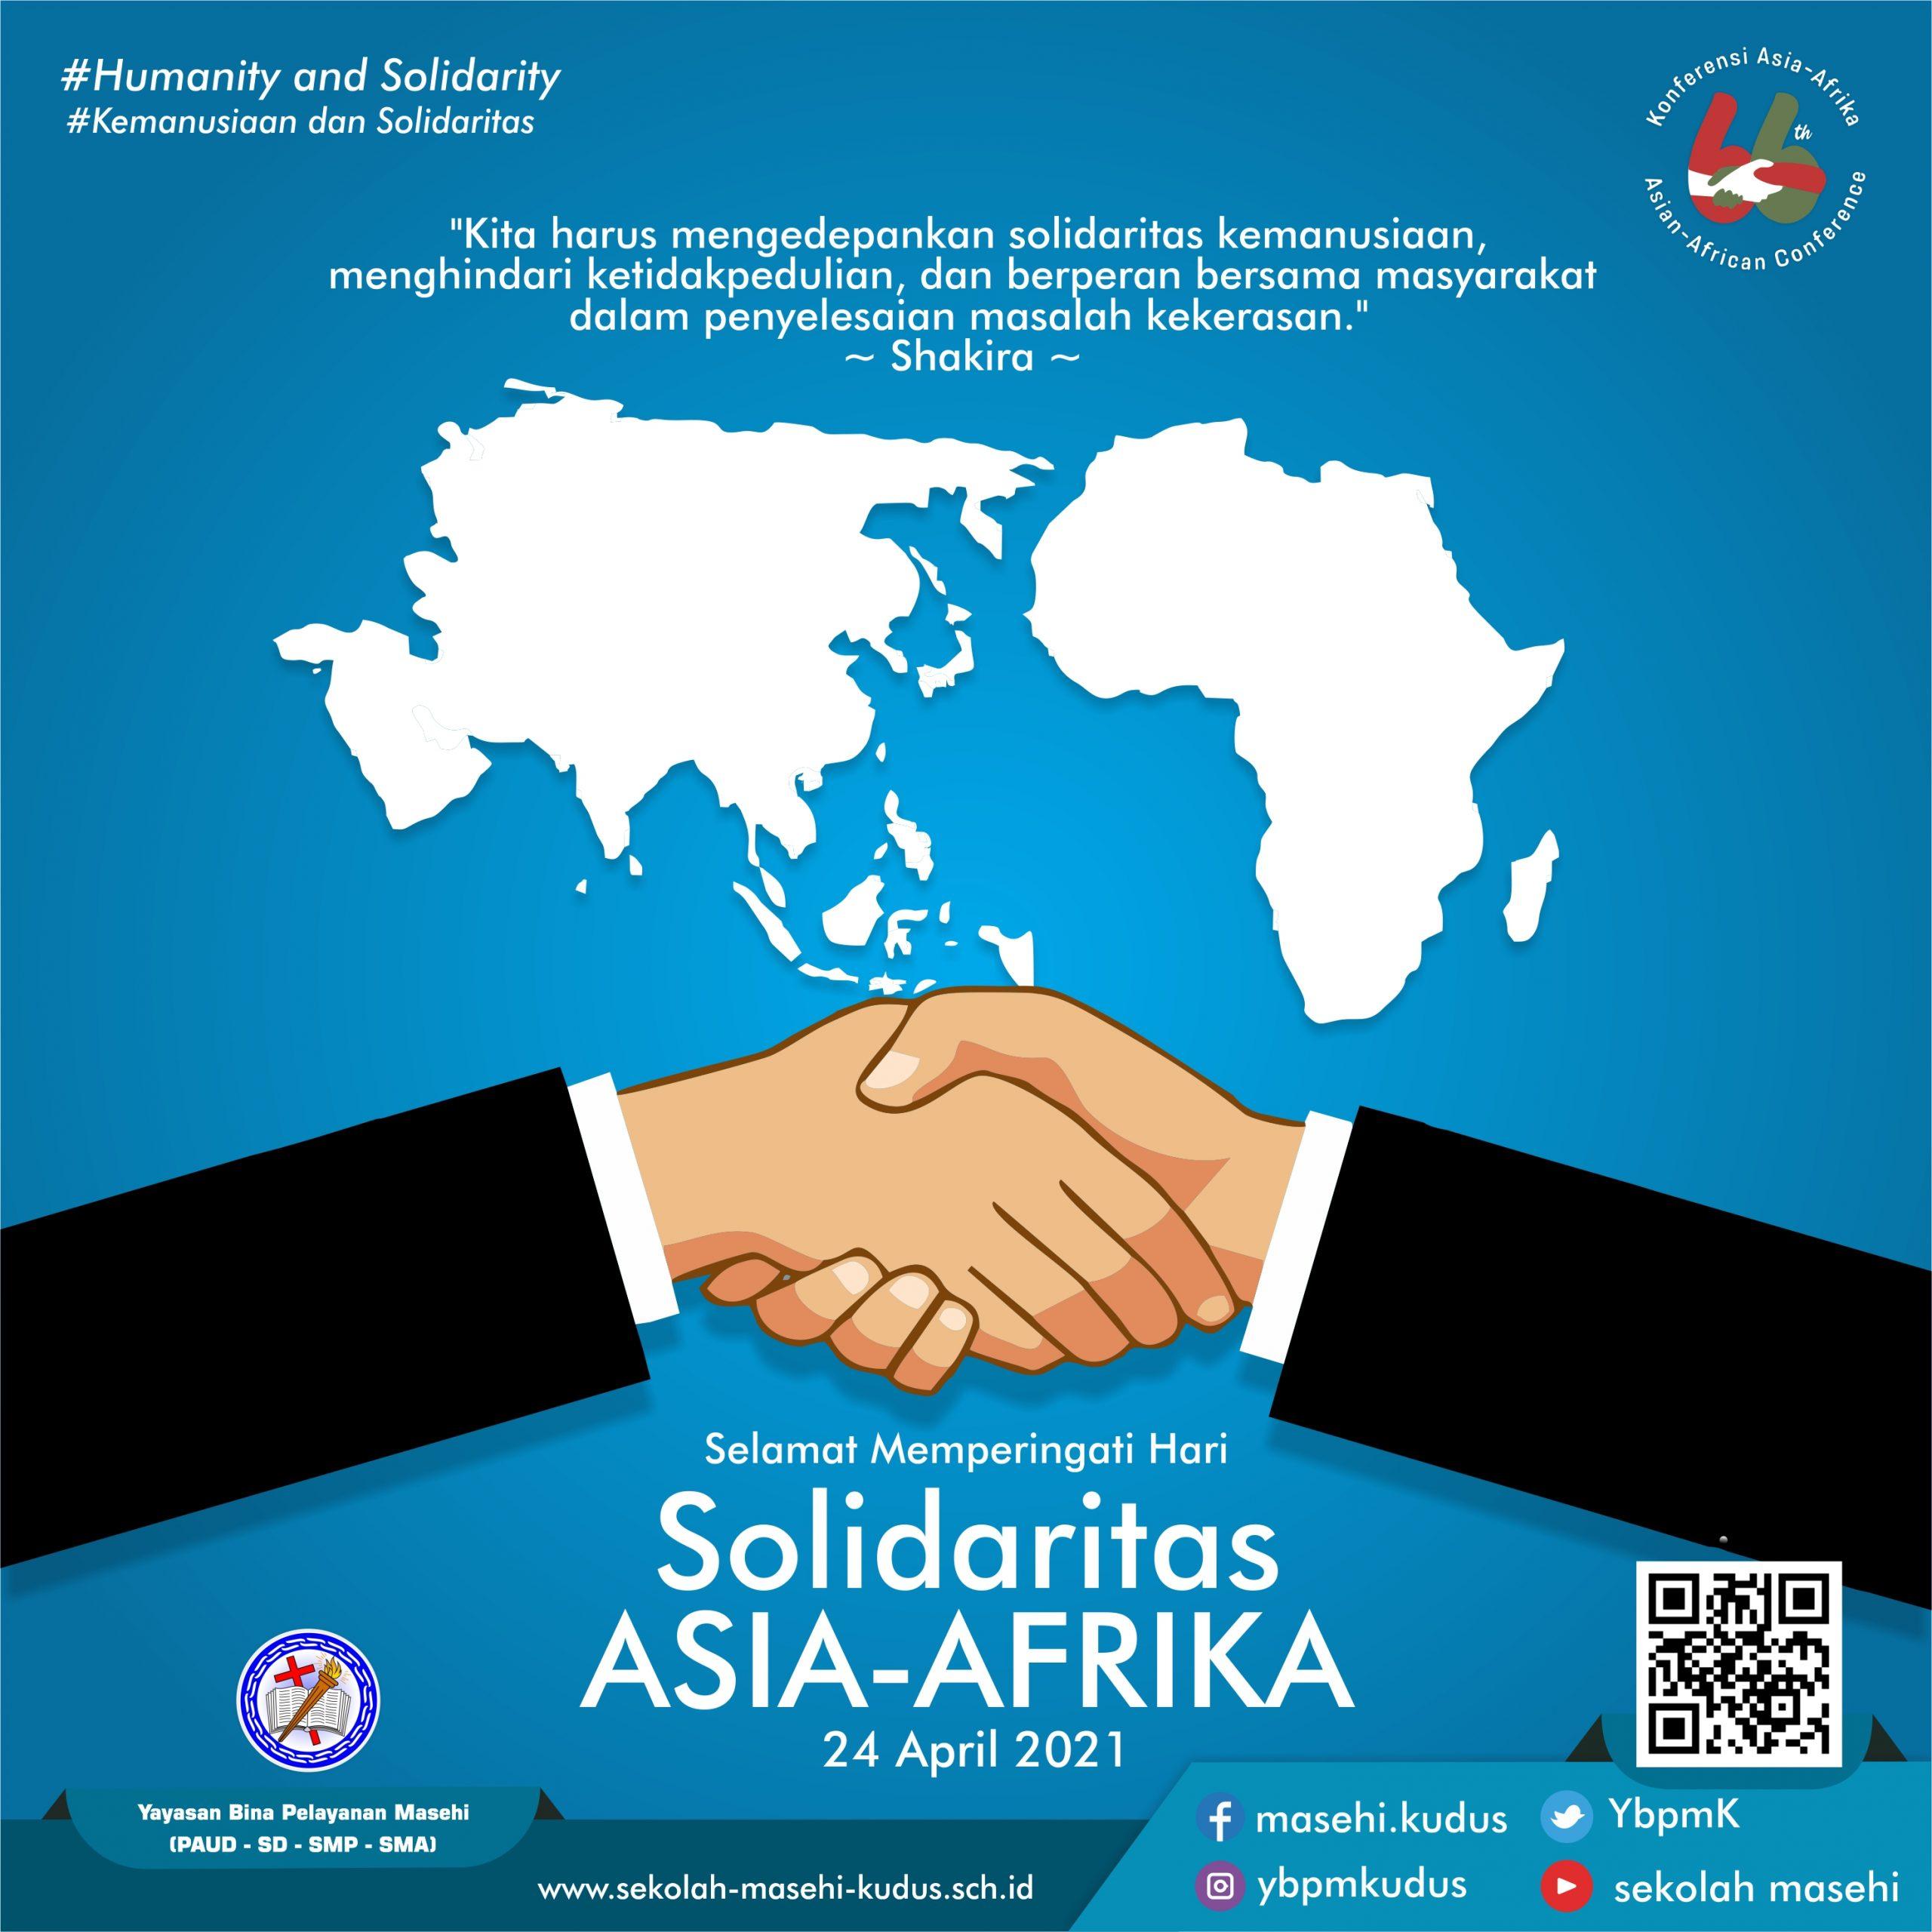 Selamat Memperingati Hari Solidaritas Asia-Afrika